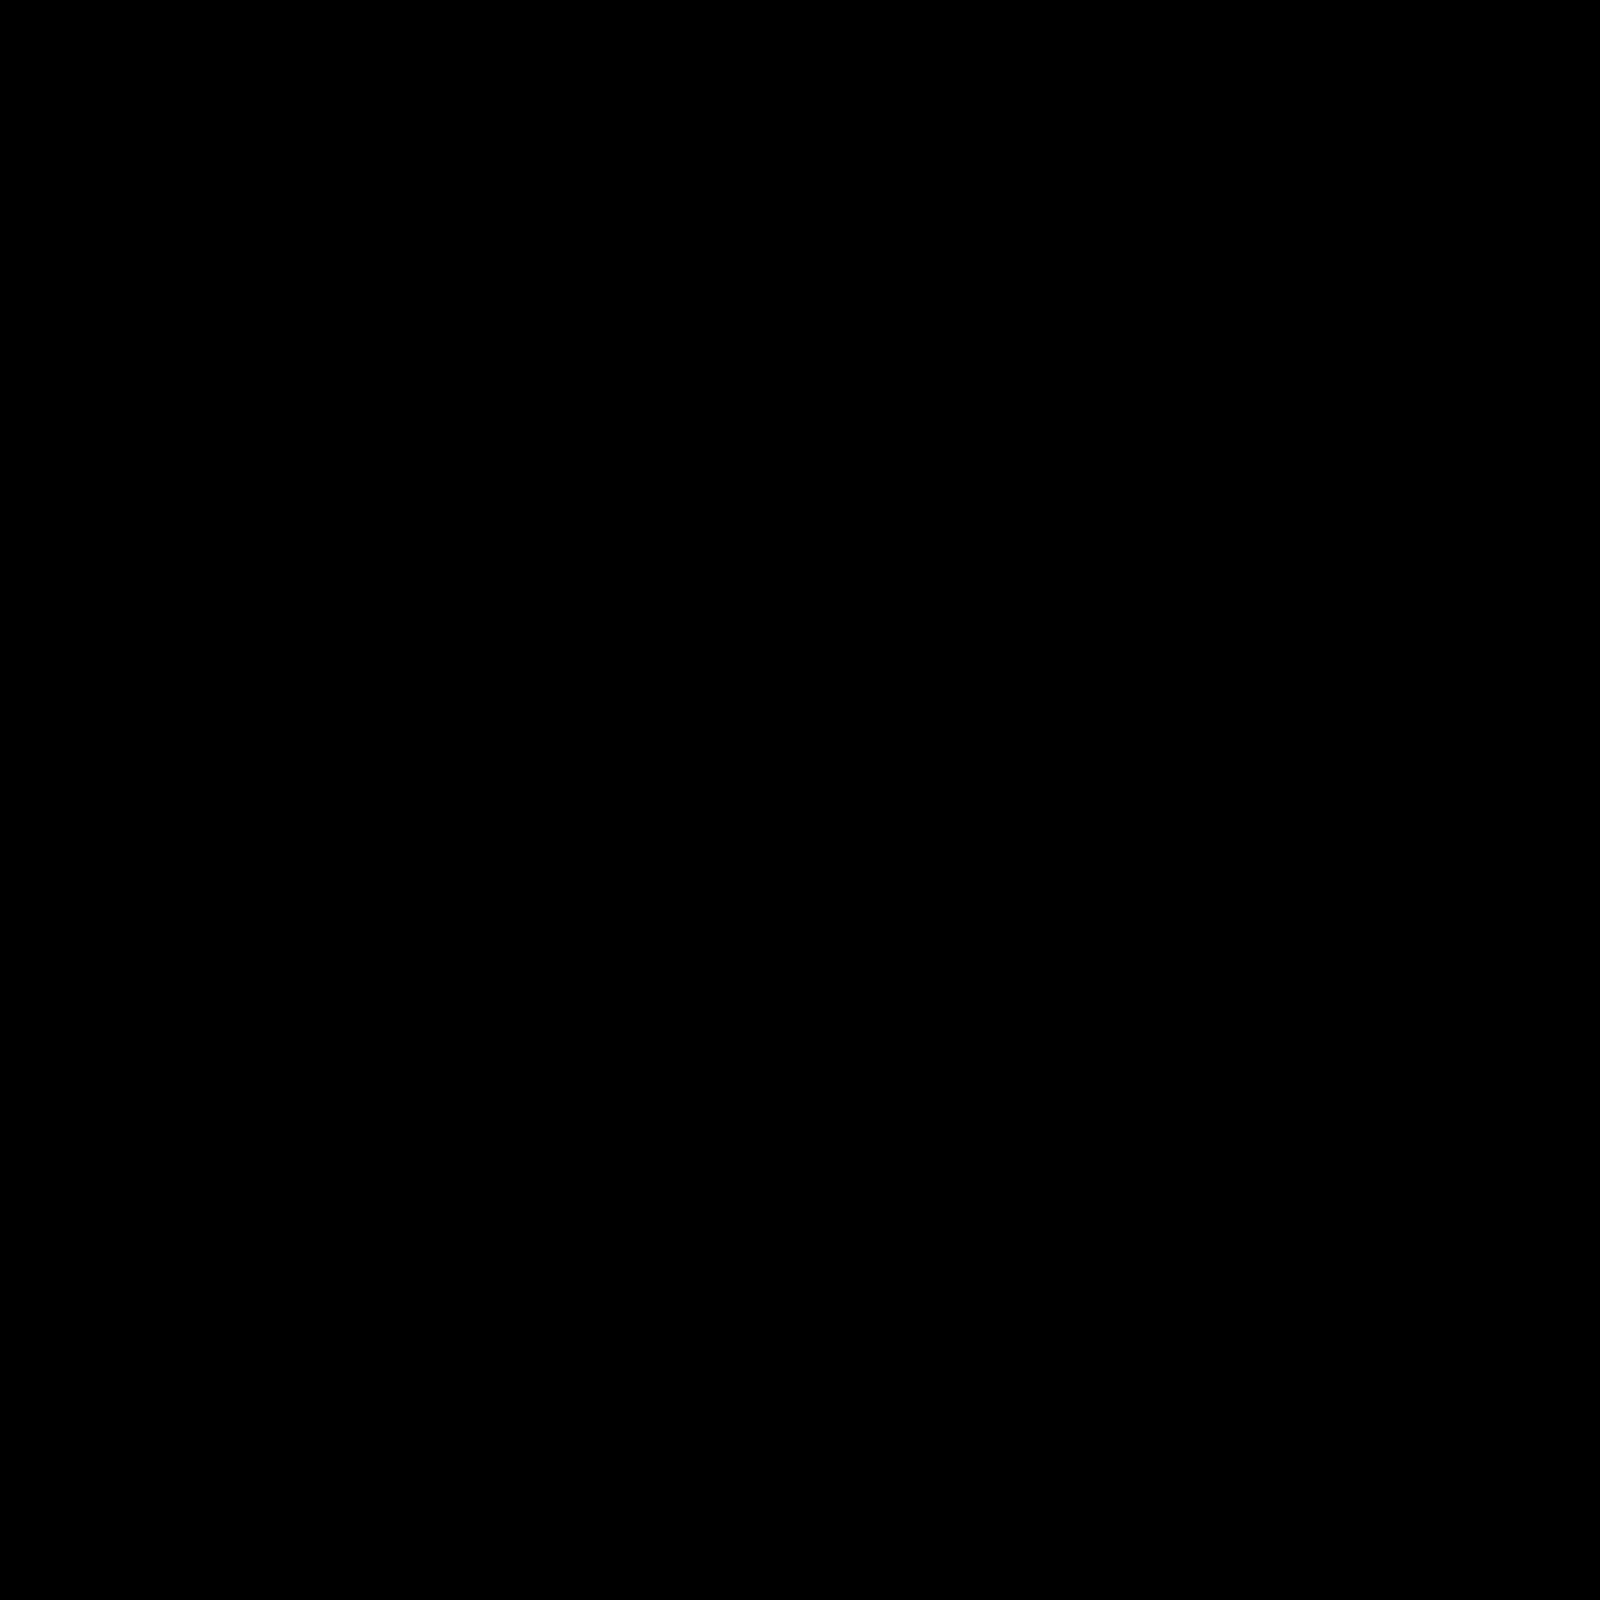 Centrum diretion 2 icon